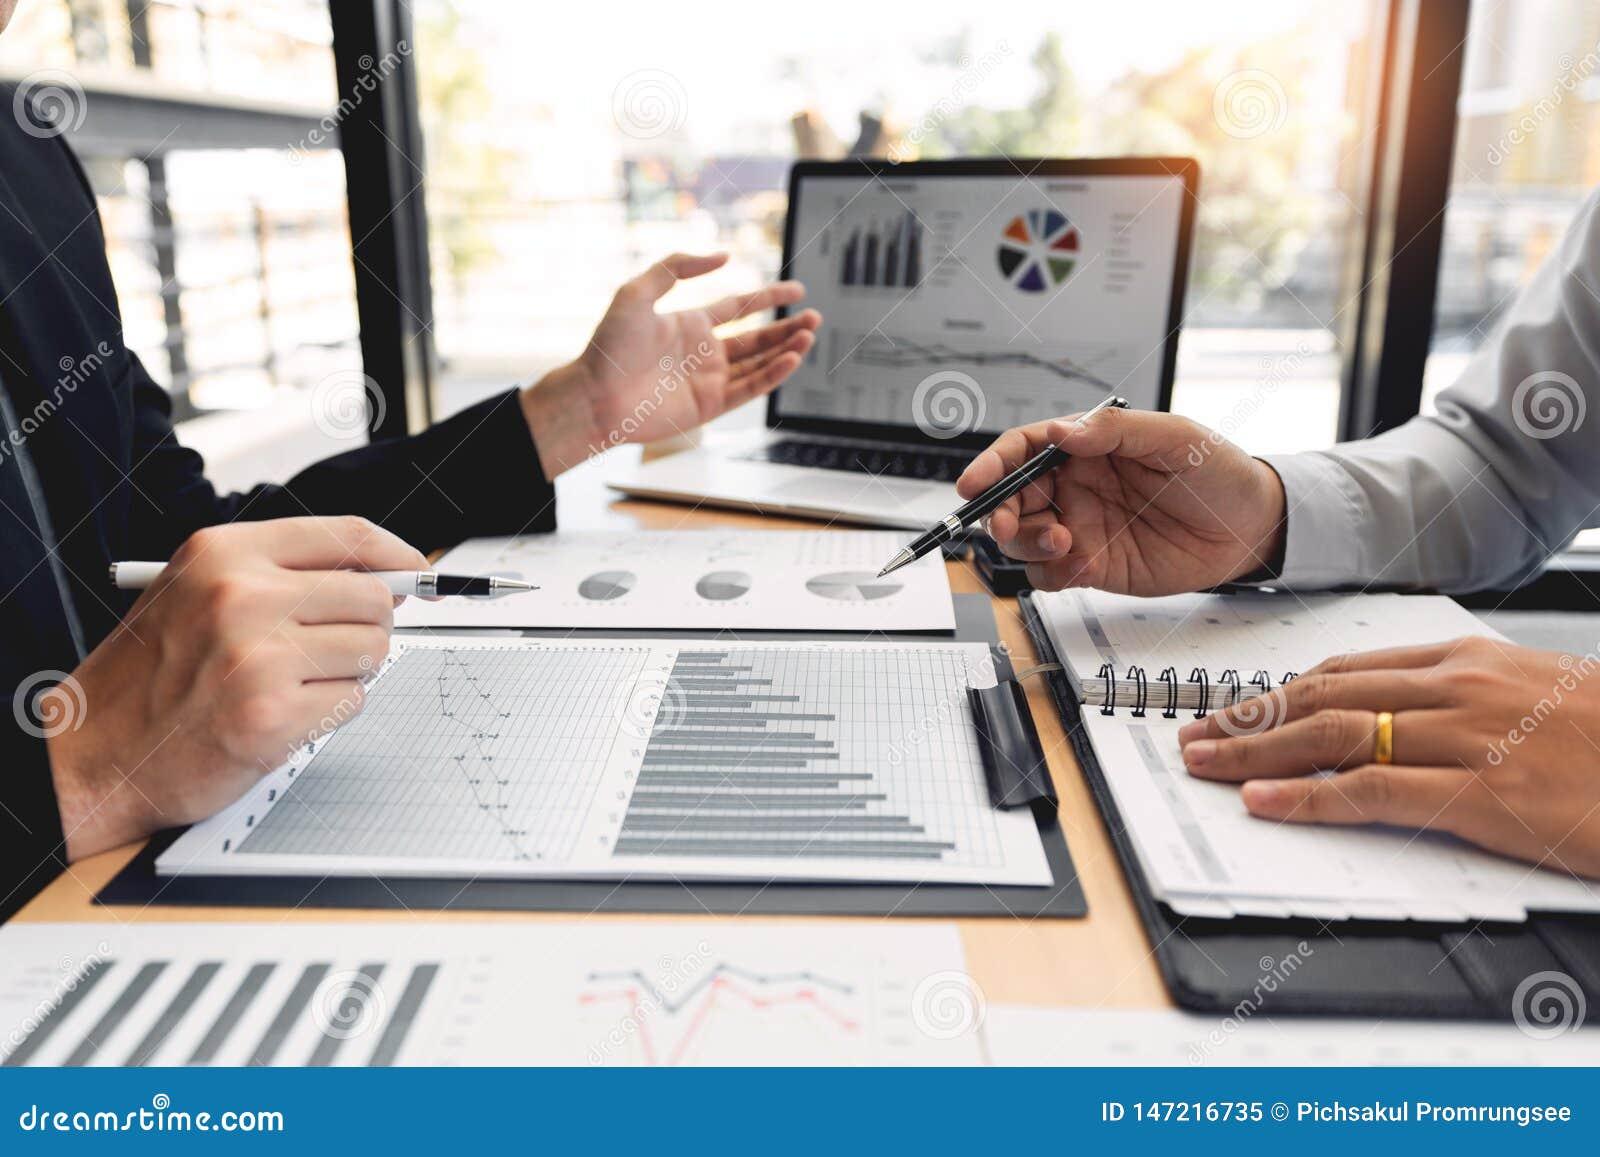 配合公司会议概念,商务伙伴与一起分析起始的财政项目的手提电脑一起使用